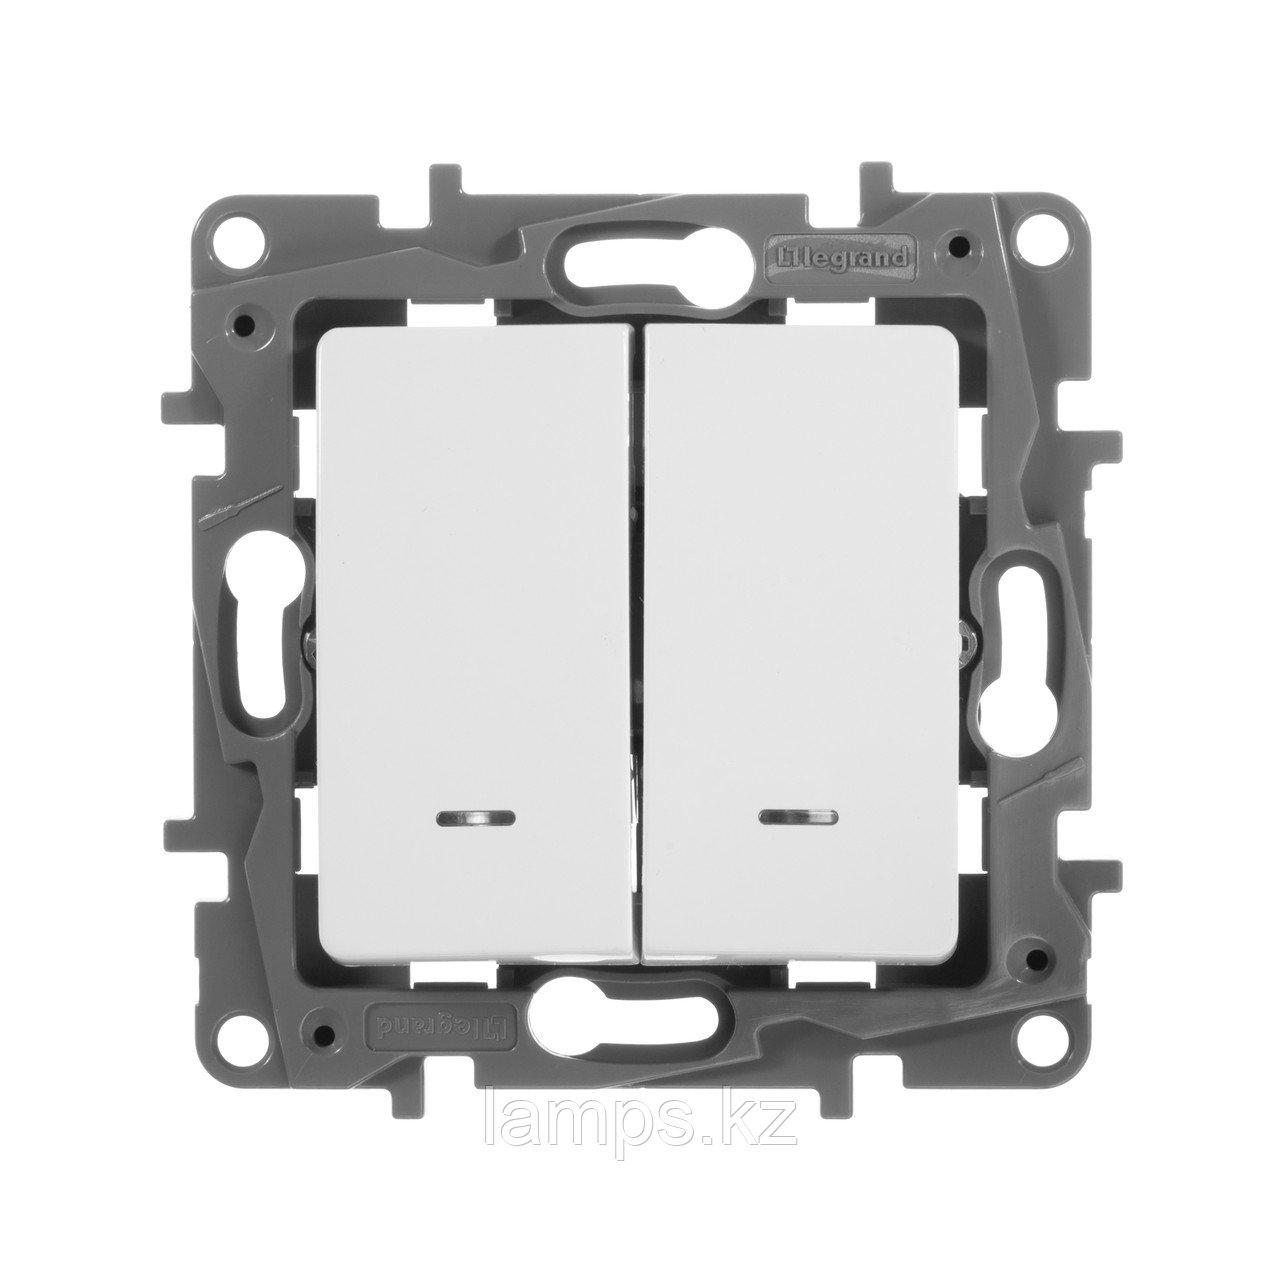 Выключатель двухклавишный с подсветкой - Etika - 10 A - 250 В~ - белый